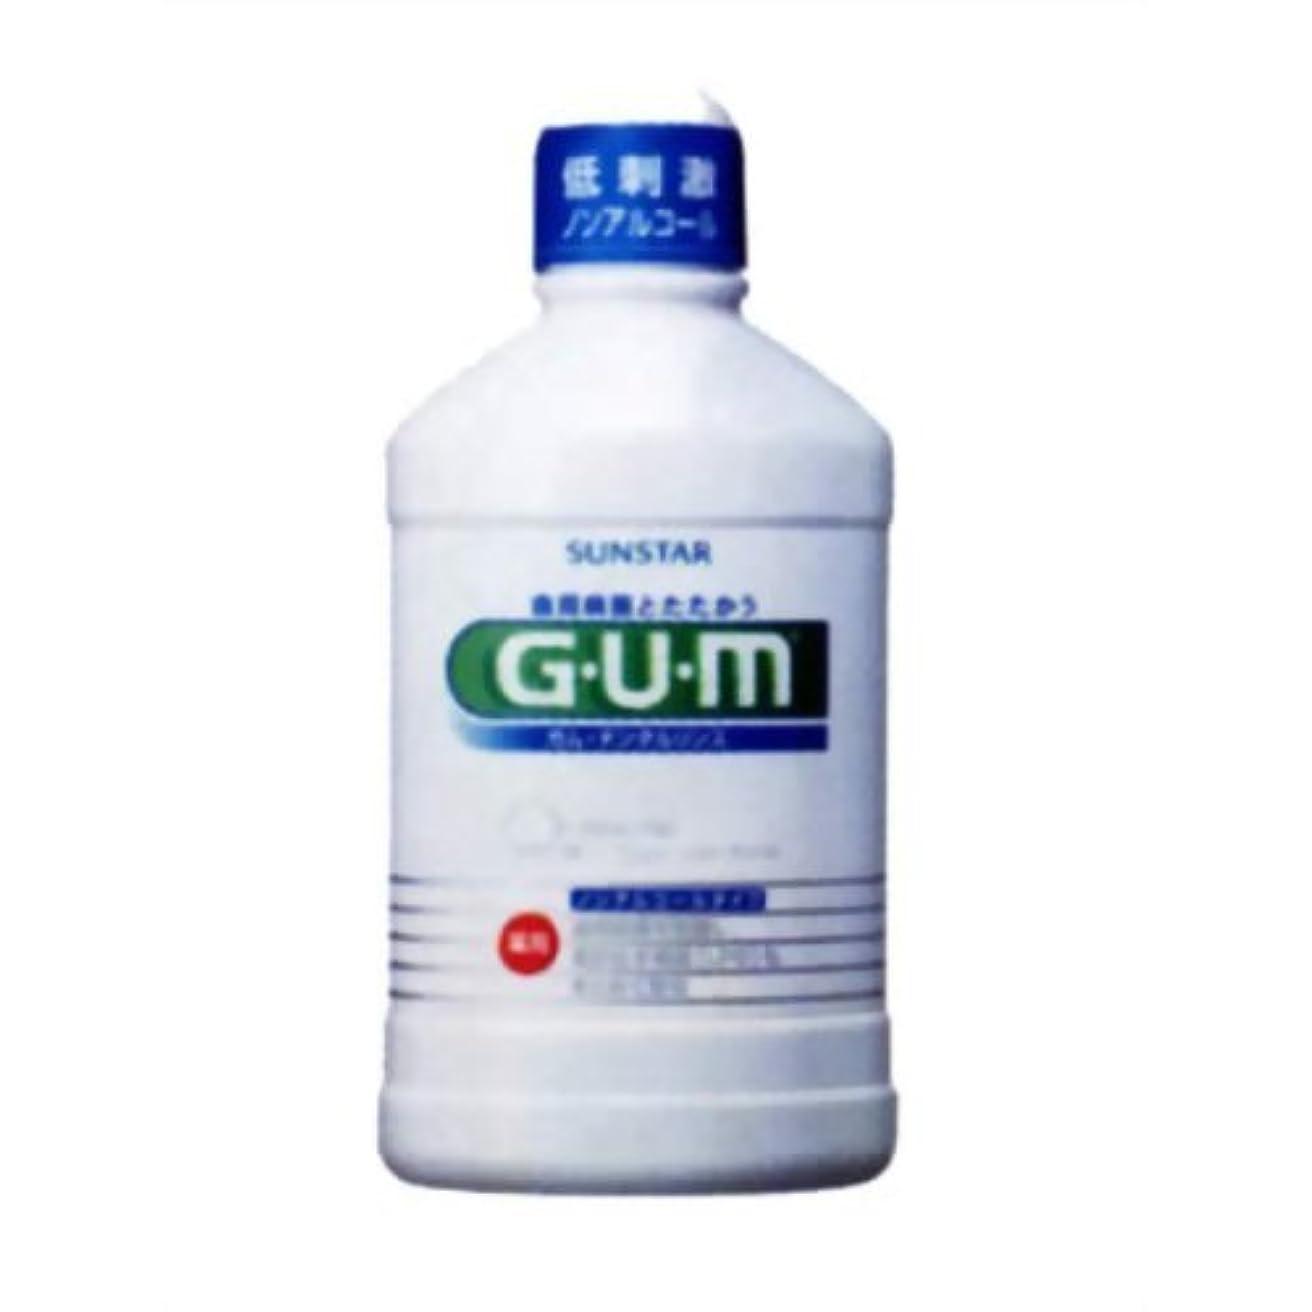 立法暴君返済GUM(ガム) 薬用 デンタルリンス ノンアルコールタイプ 250ml